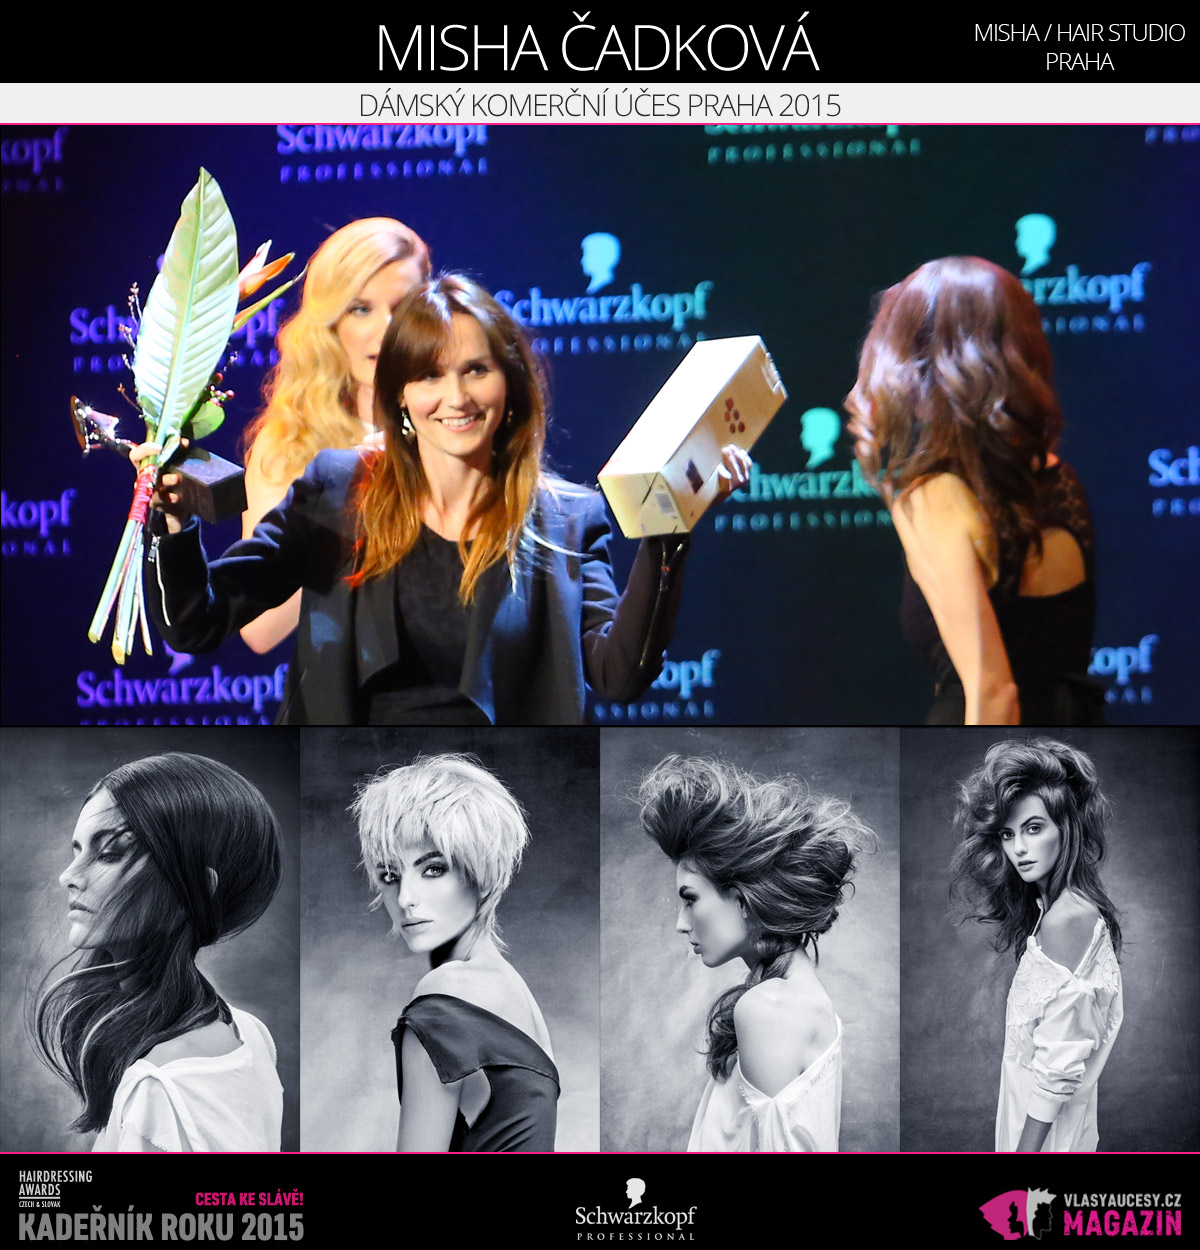 Vítězem v kategorii Dámský komerční účes Praha Czech and Slovak Hairdressing Awards 2015 je Misha Čadková z Misha / hair studio Praha